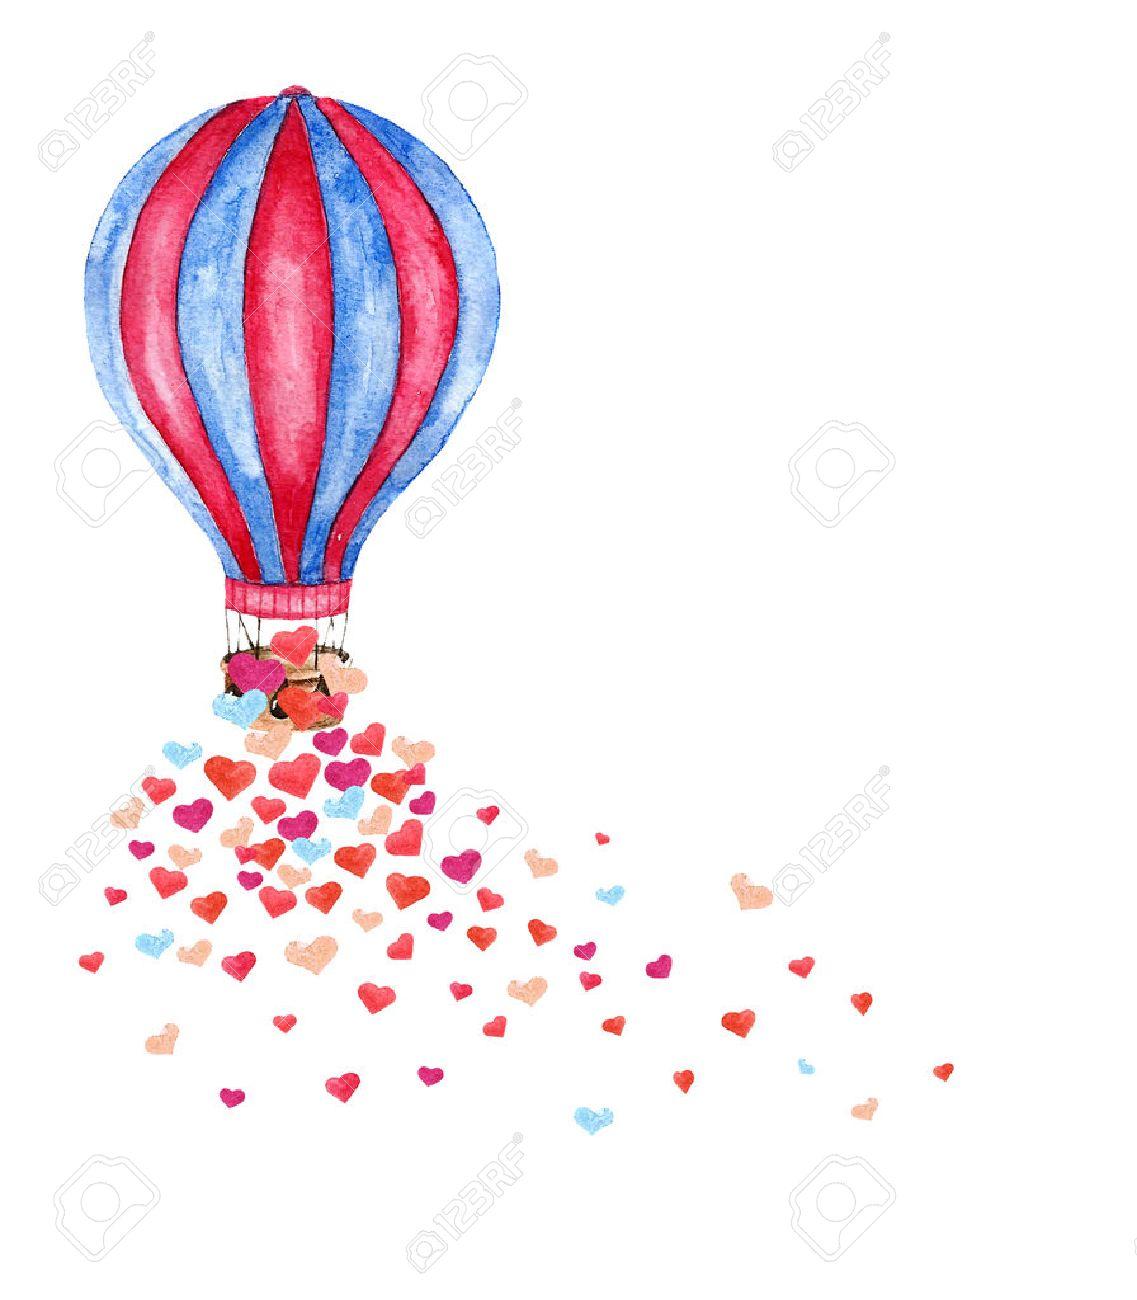 Aquarell Helle Karte Mit Dem Heißluftballon Und Viele Herzen. Hand ...